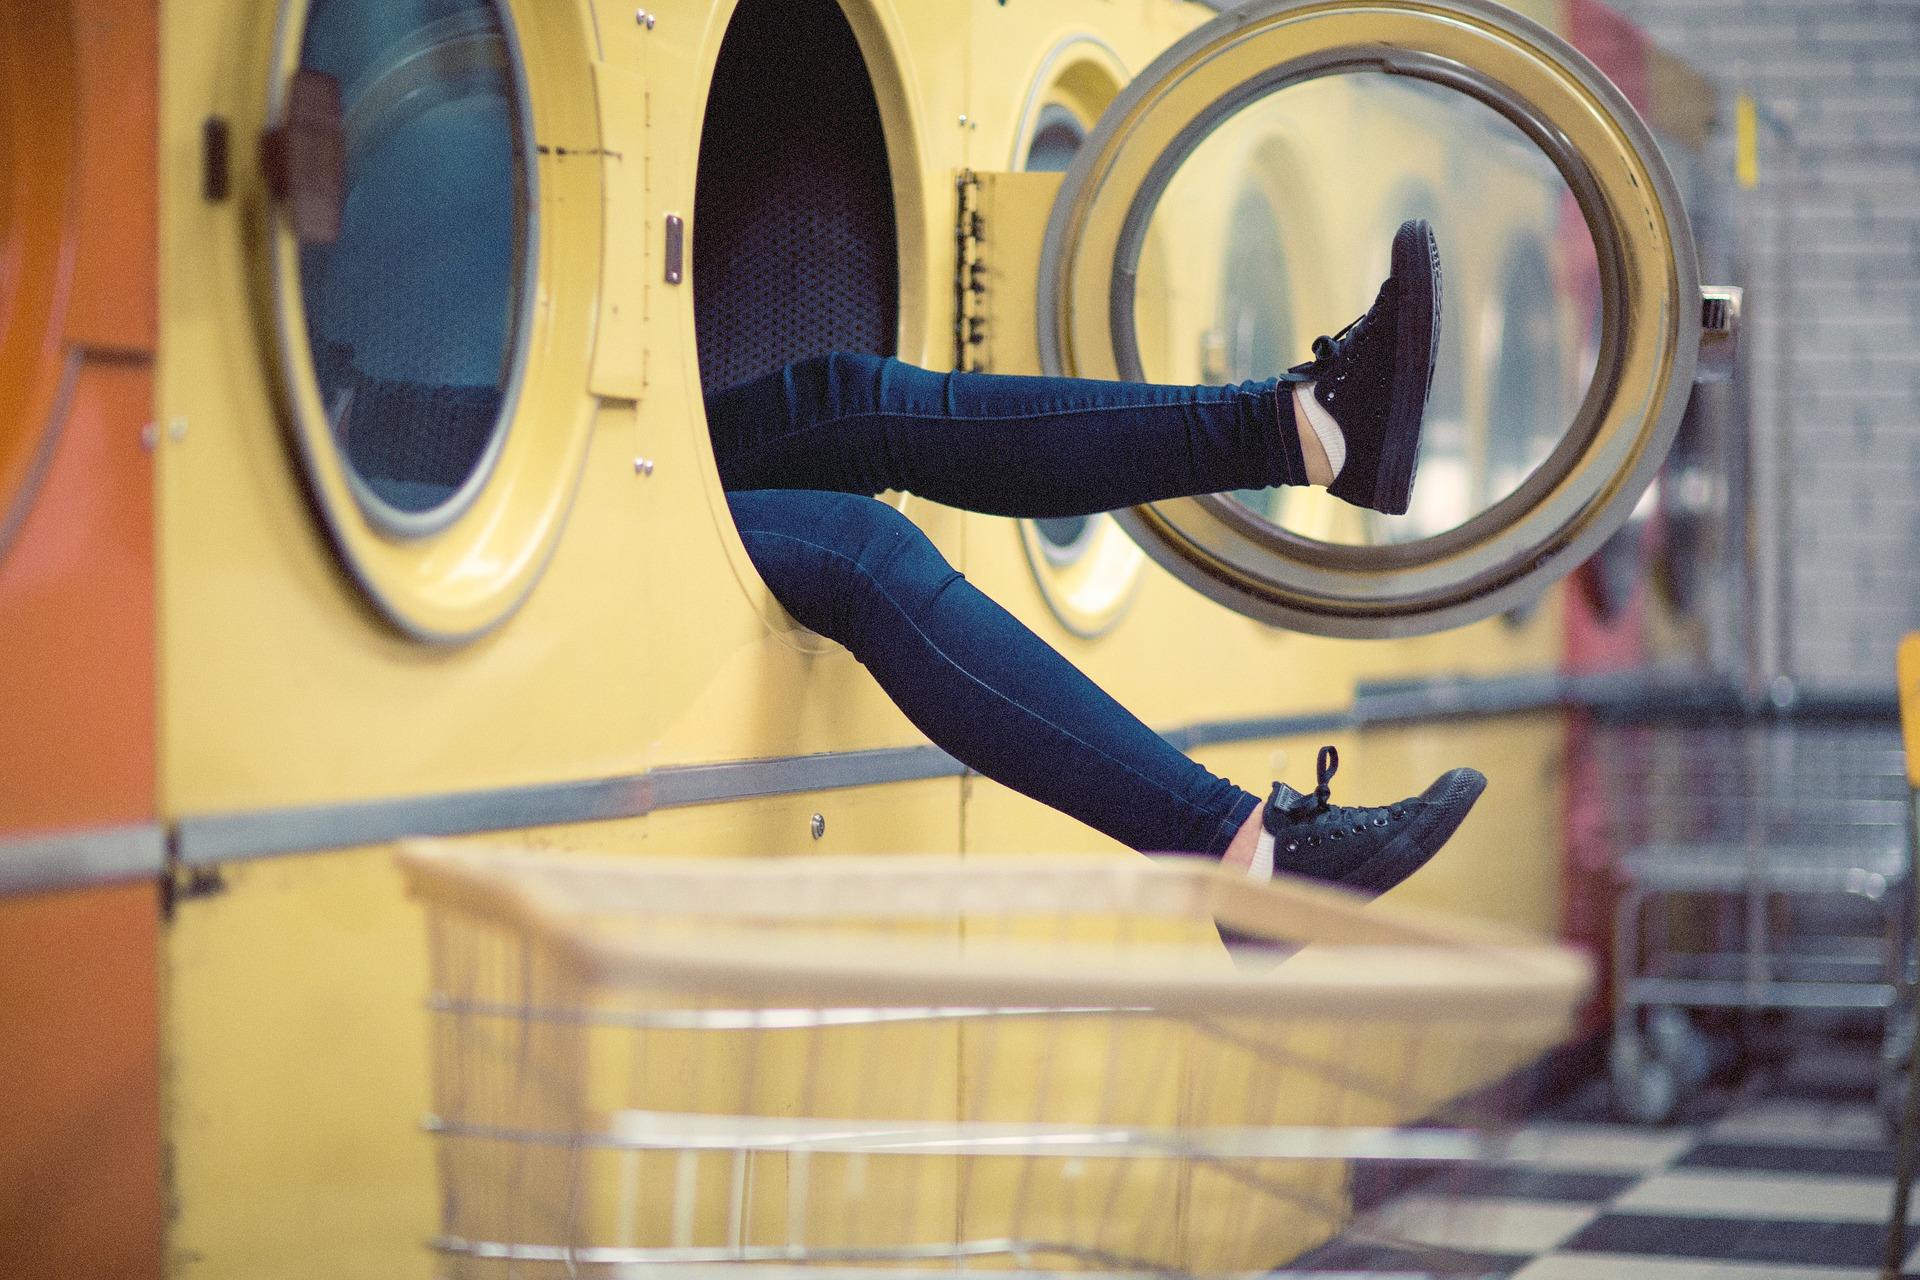 6. Wasser und Strom sparen auf Knopfdruck: Sparprogramme und Waschgänge bei 30 Grad genügen normal verschmutzter Wäsche vollkommen. Und das ohne Vorwäsche. Die Maschine immer voll zu beladen, senkt die Anzahl der Waschladungen.